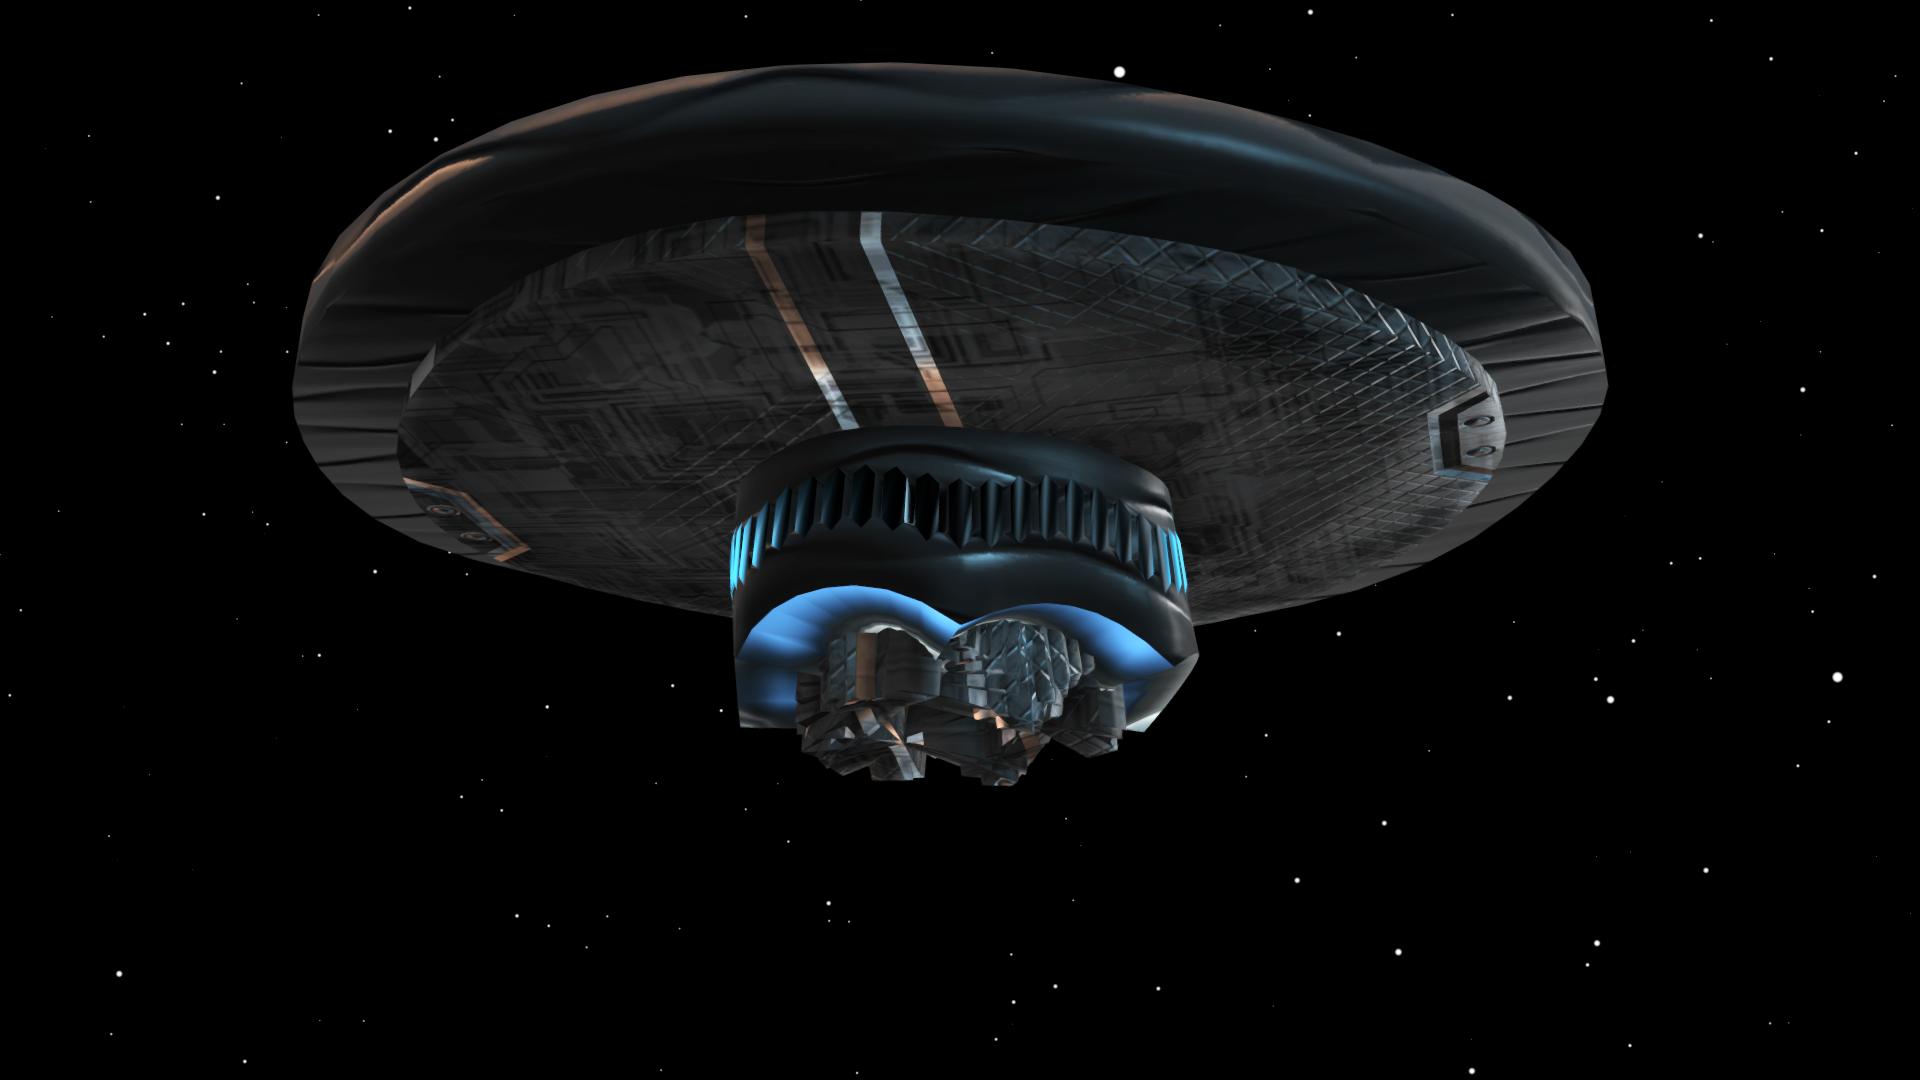 Real alien spacecraft